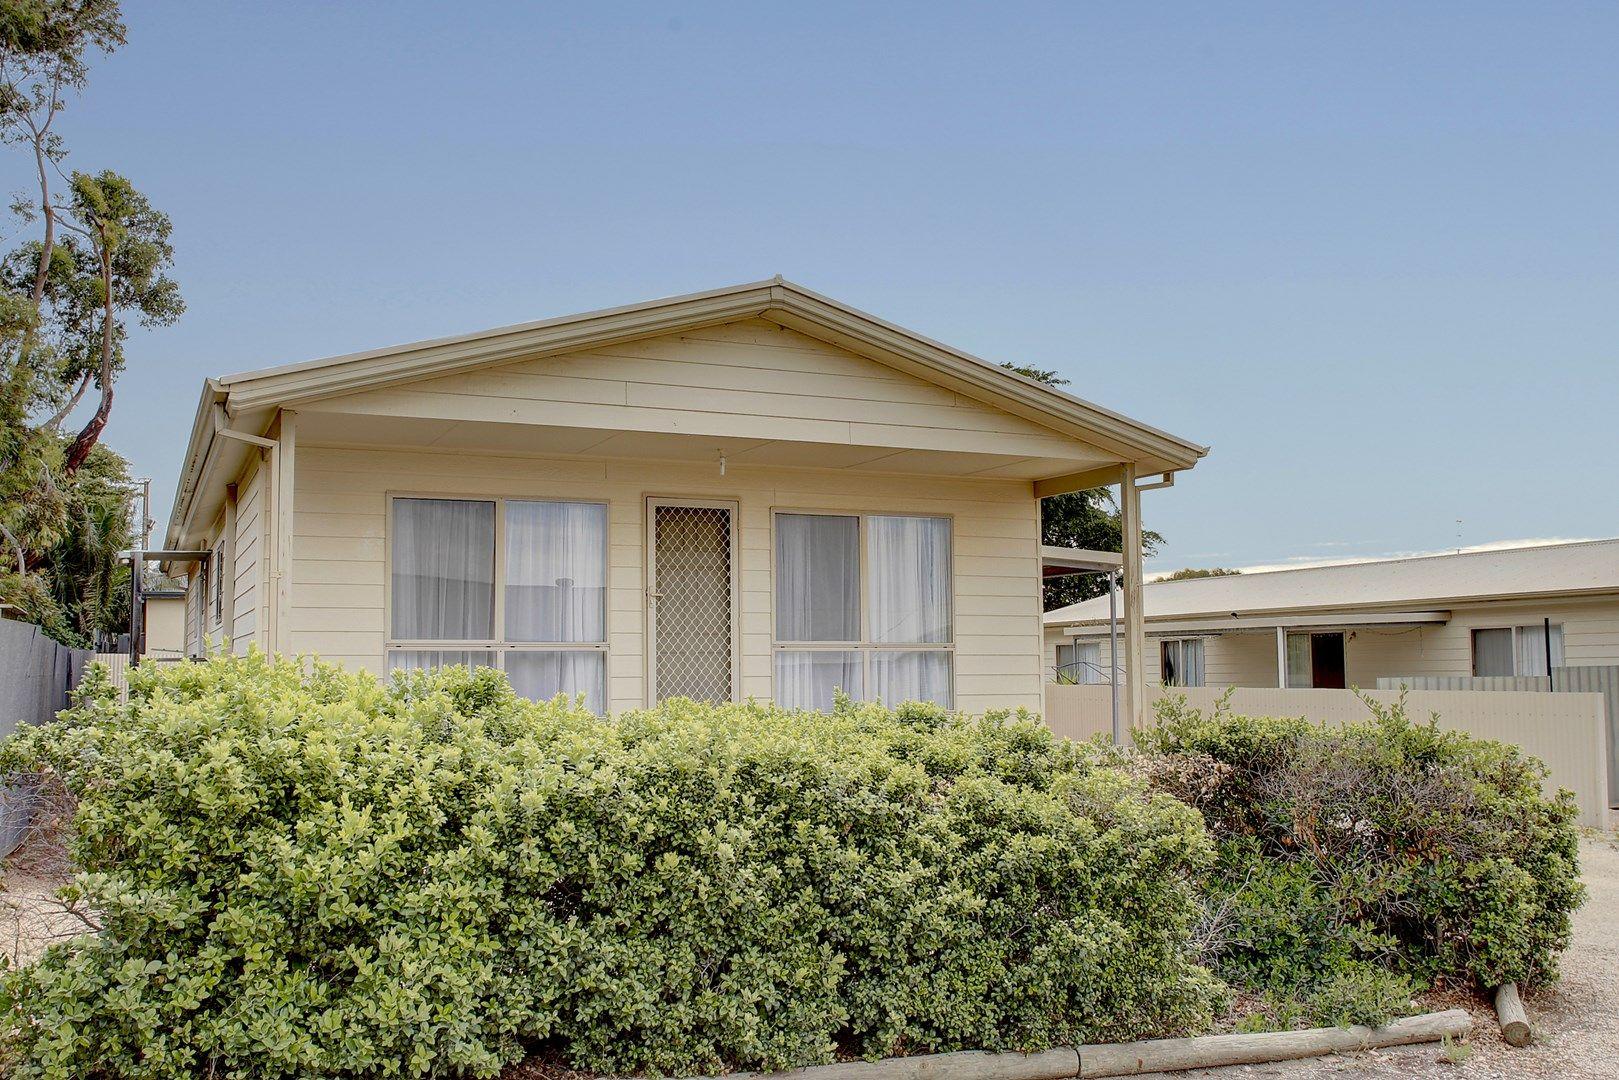 2/66 York Street, Port Lincoln SA 5606, Image 0